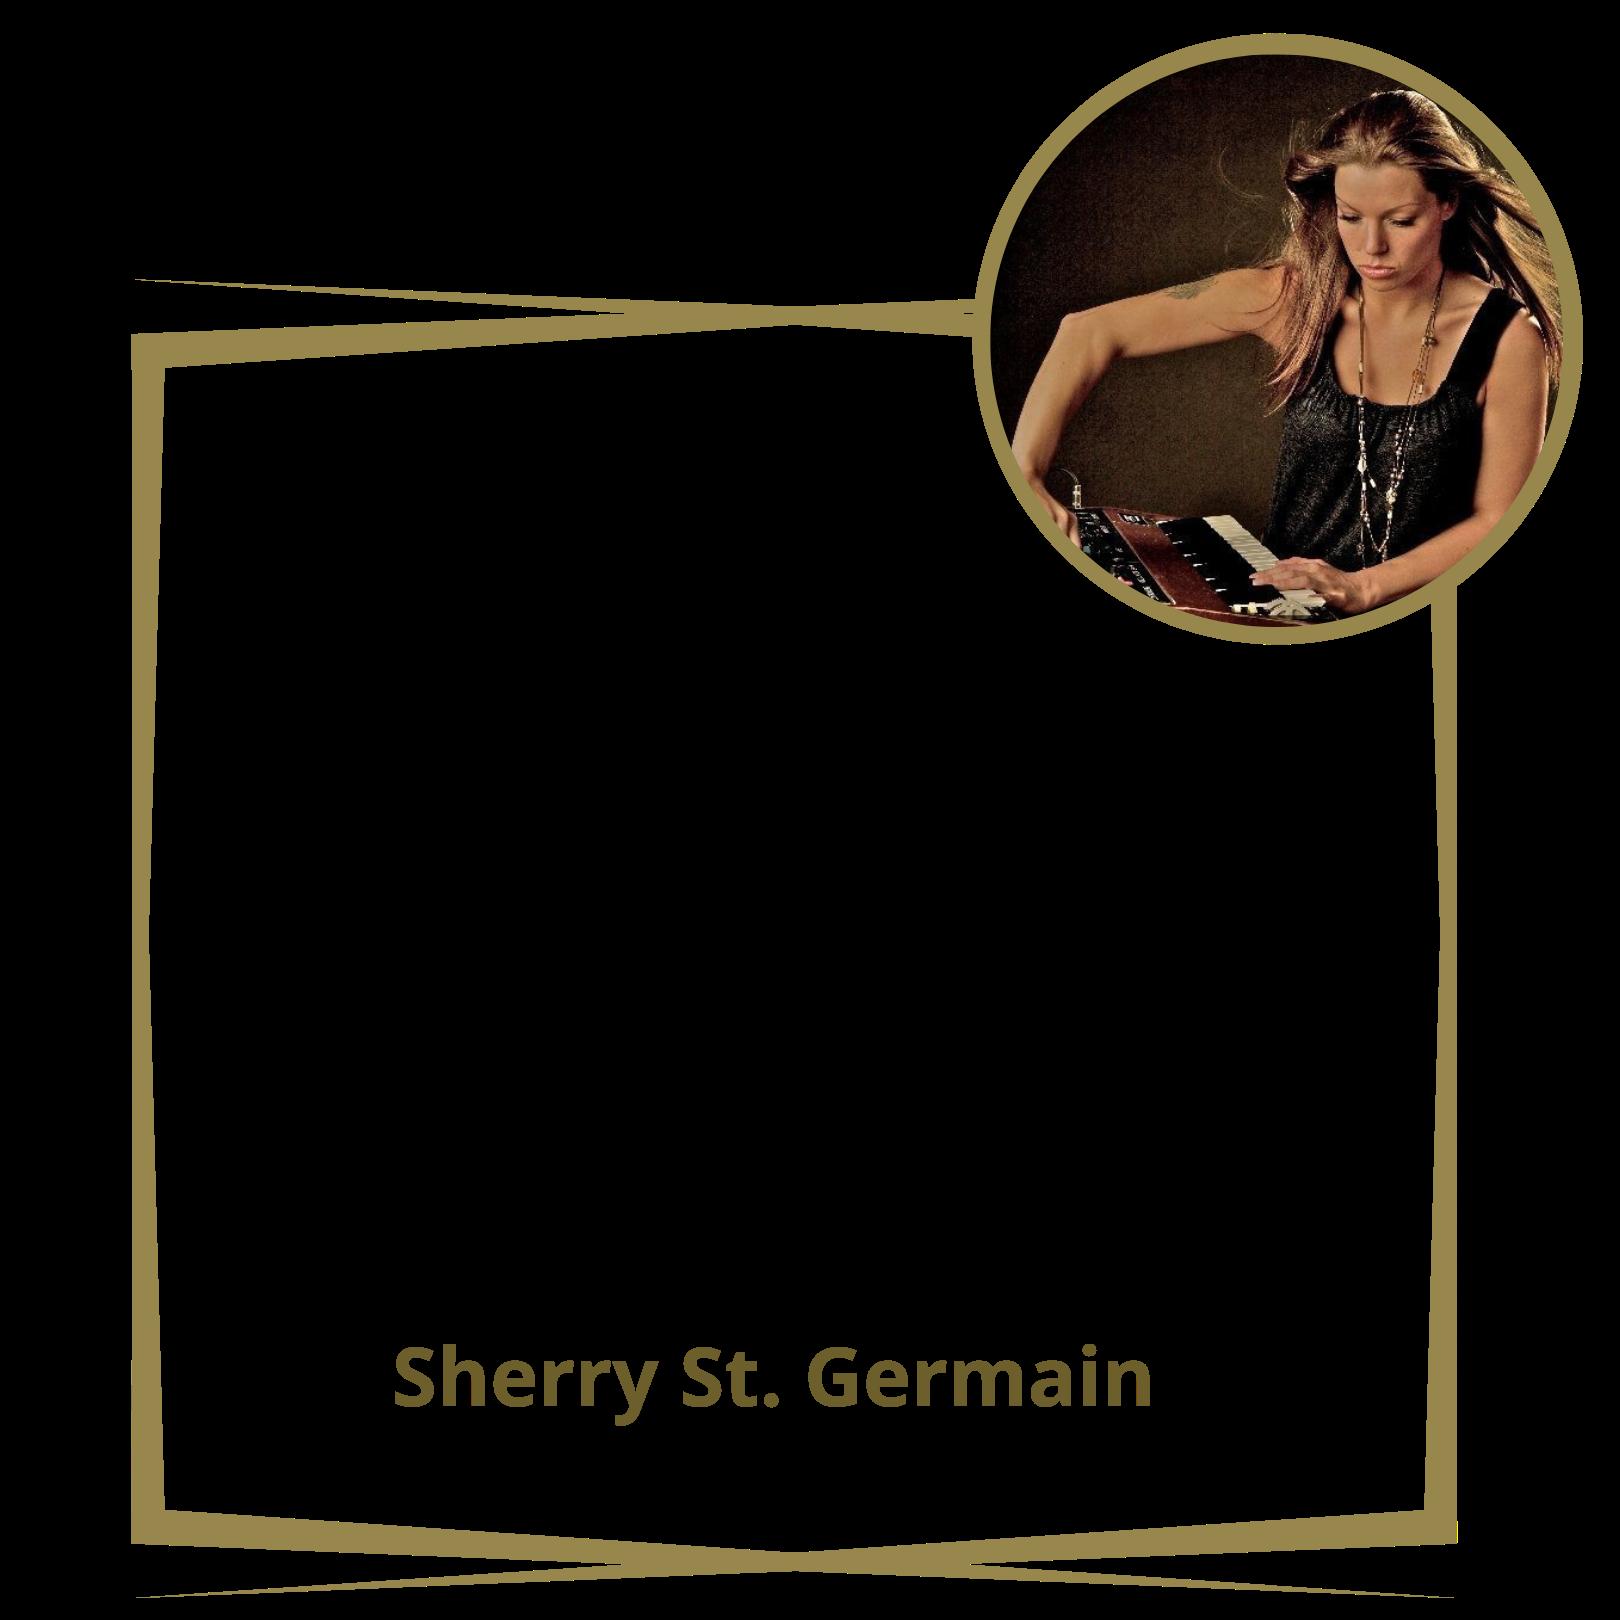 8 - Sherry St. Germain